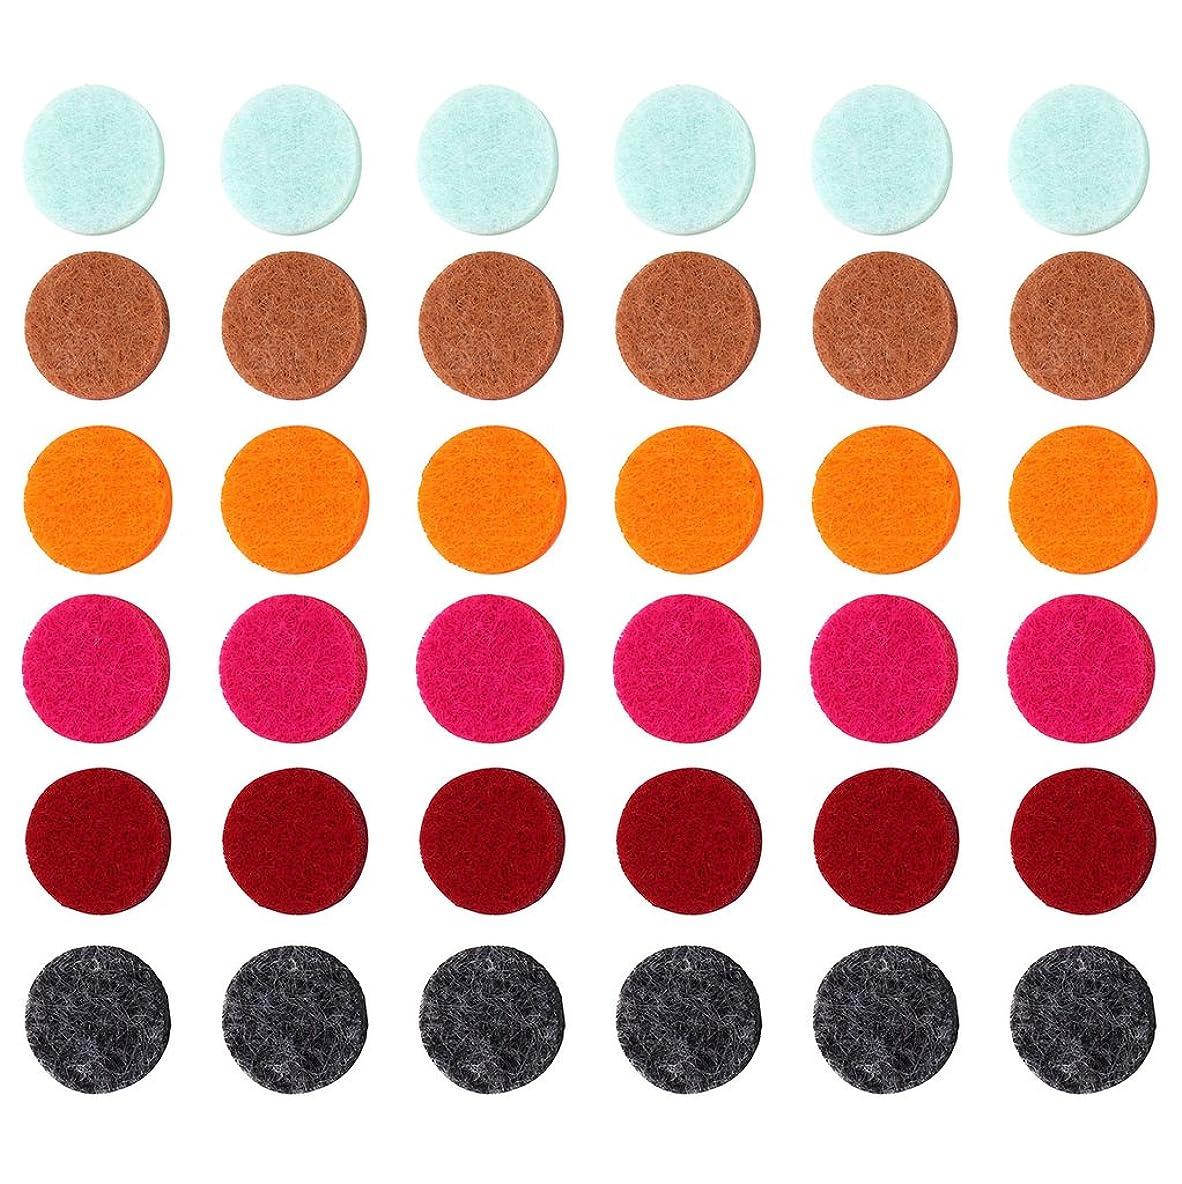 引き出す限界連帯ZYsta 36個Refill Pads for Aromatherapy Essential Oil Diffuserロケットネックレス、交換用パッド: Thickened/洗濯可能/高吸水性のアロマディフューザーペンダント